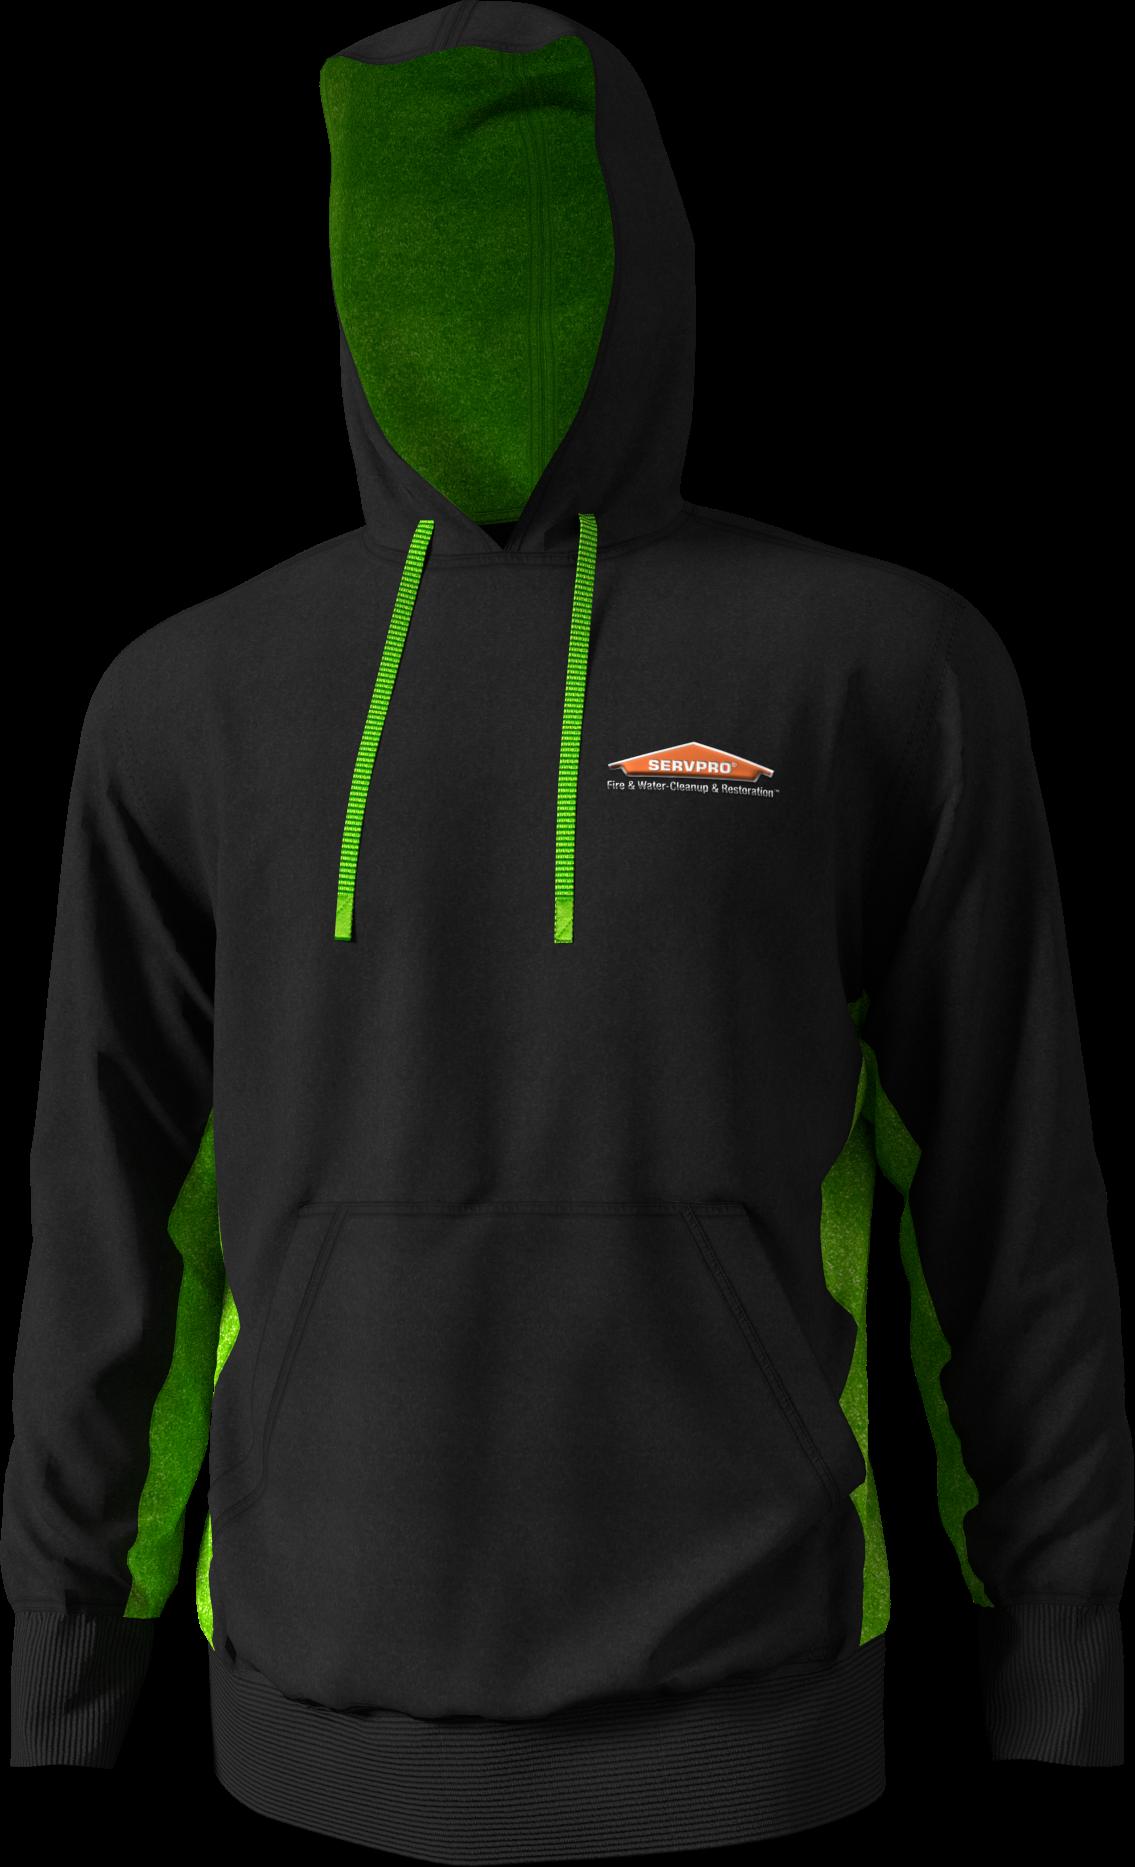 Hero Ready Gear Pullover Hooded Sweatshirt-